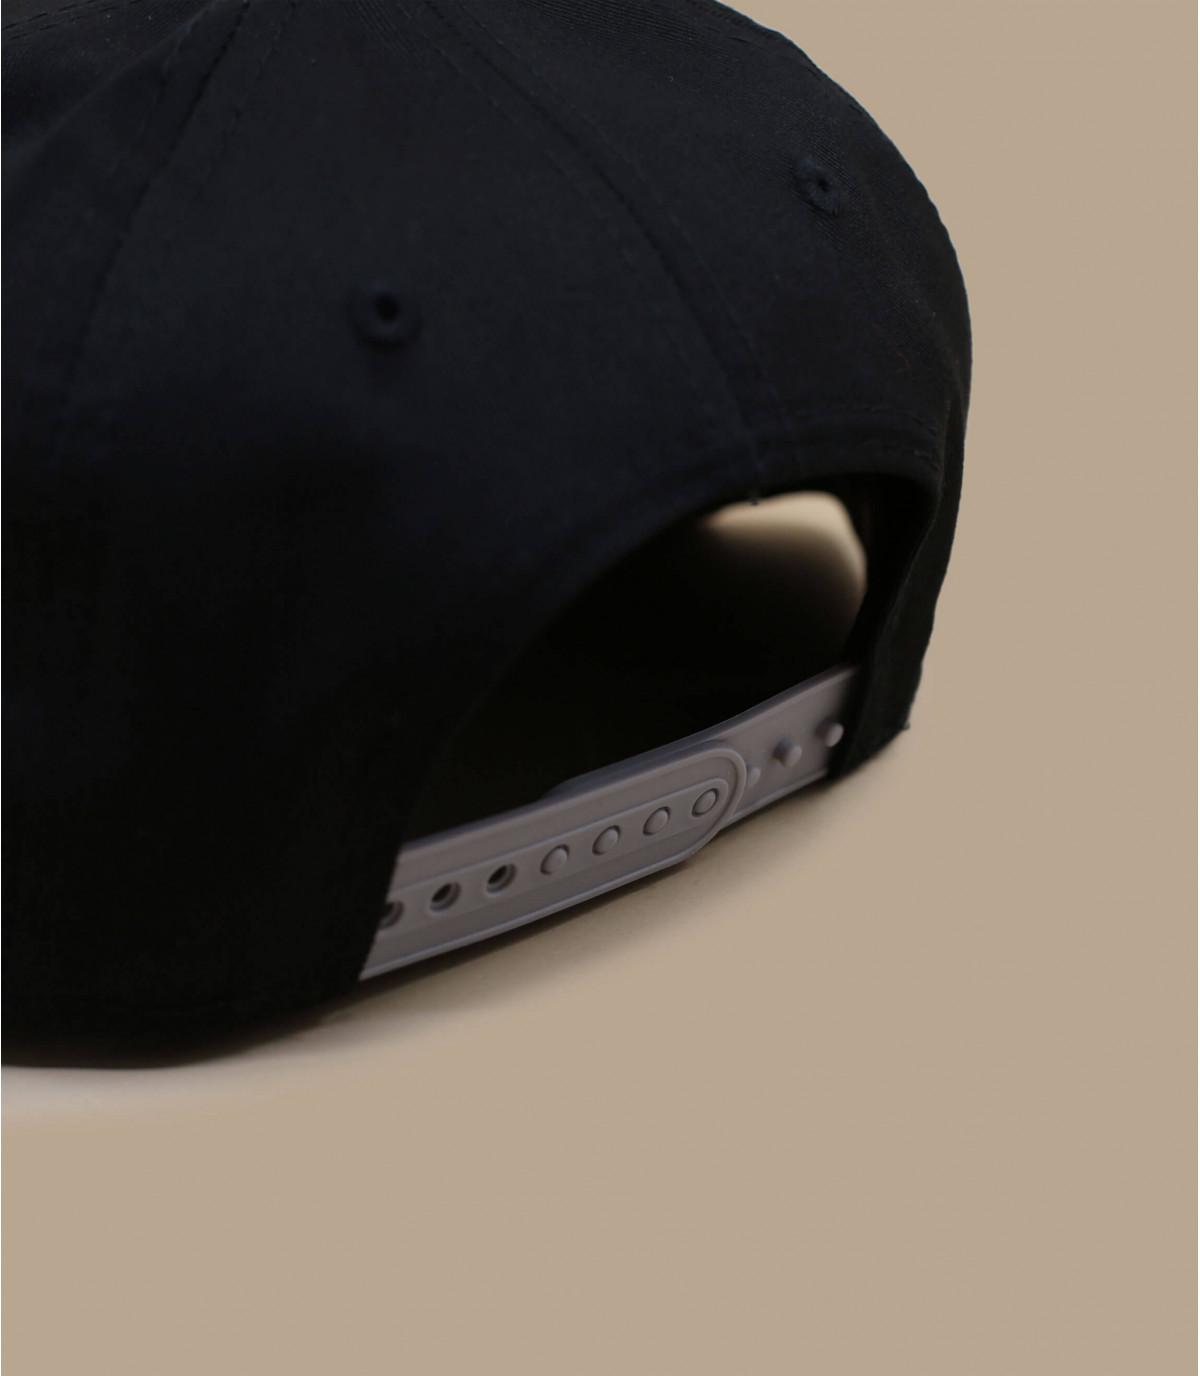 Details Child cap NY black gray - Abbildung 2